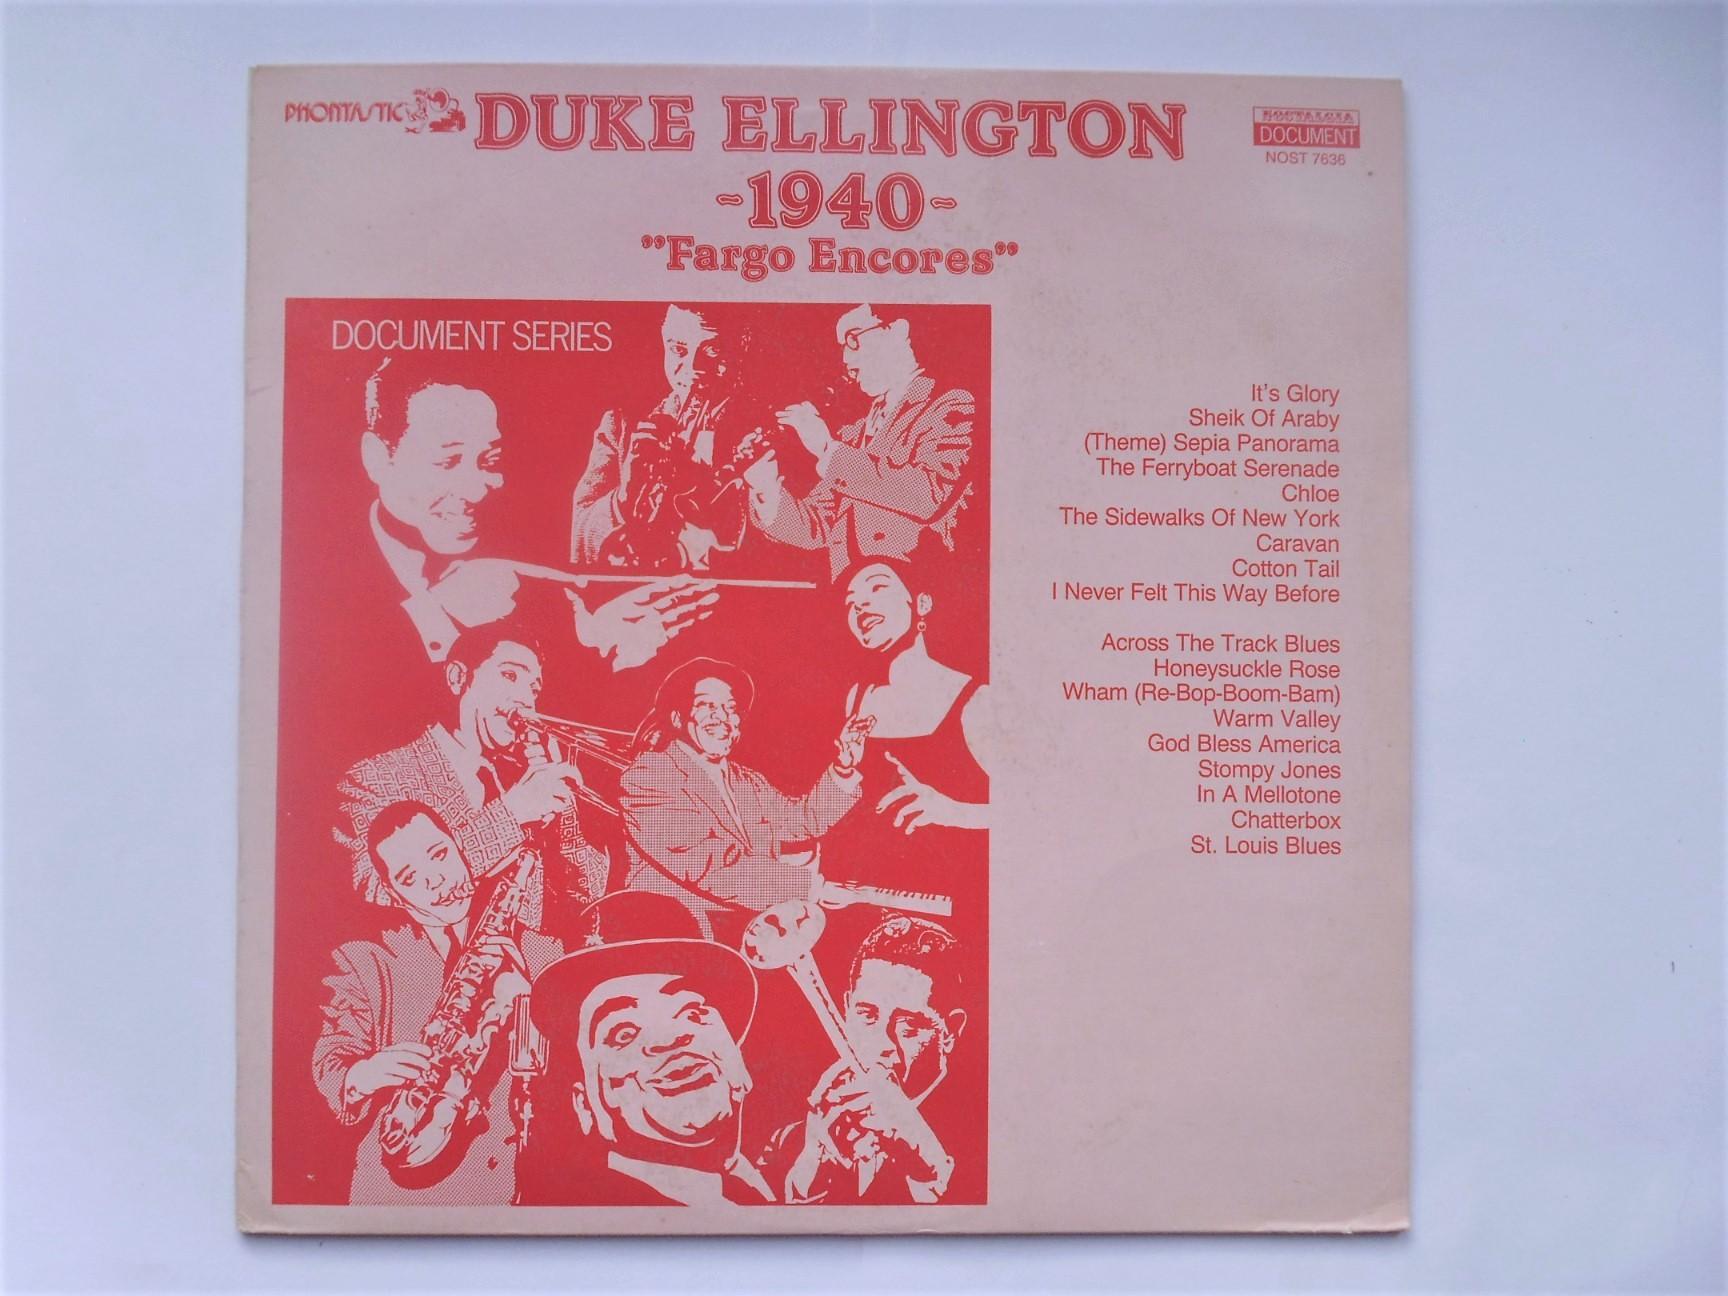 1940 Fargo Encores